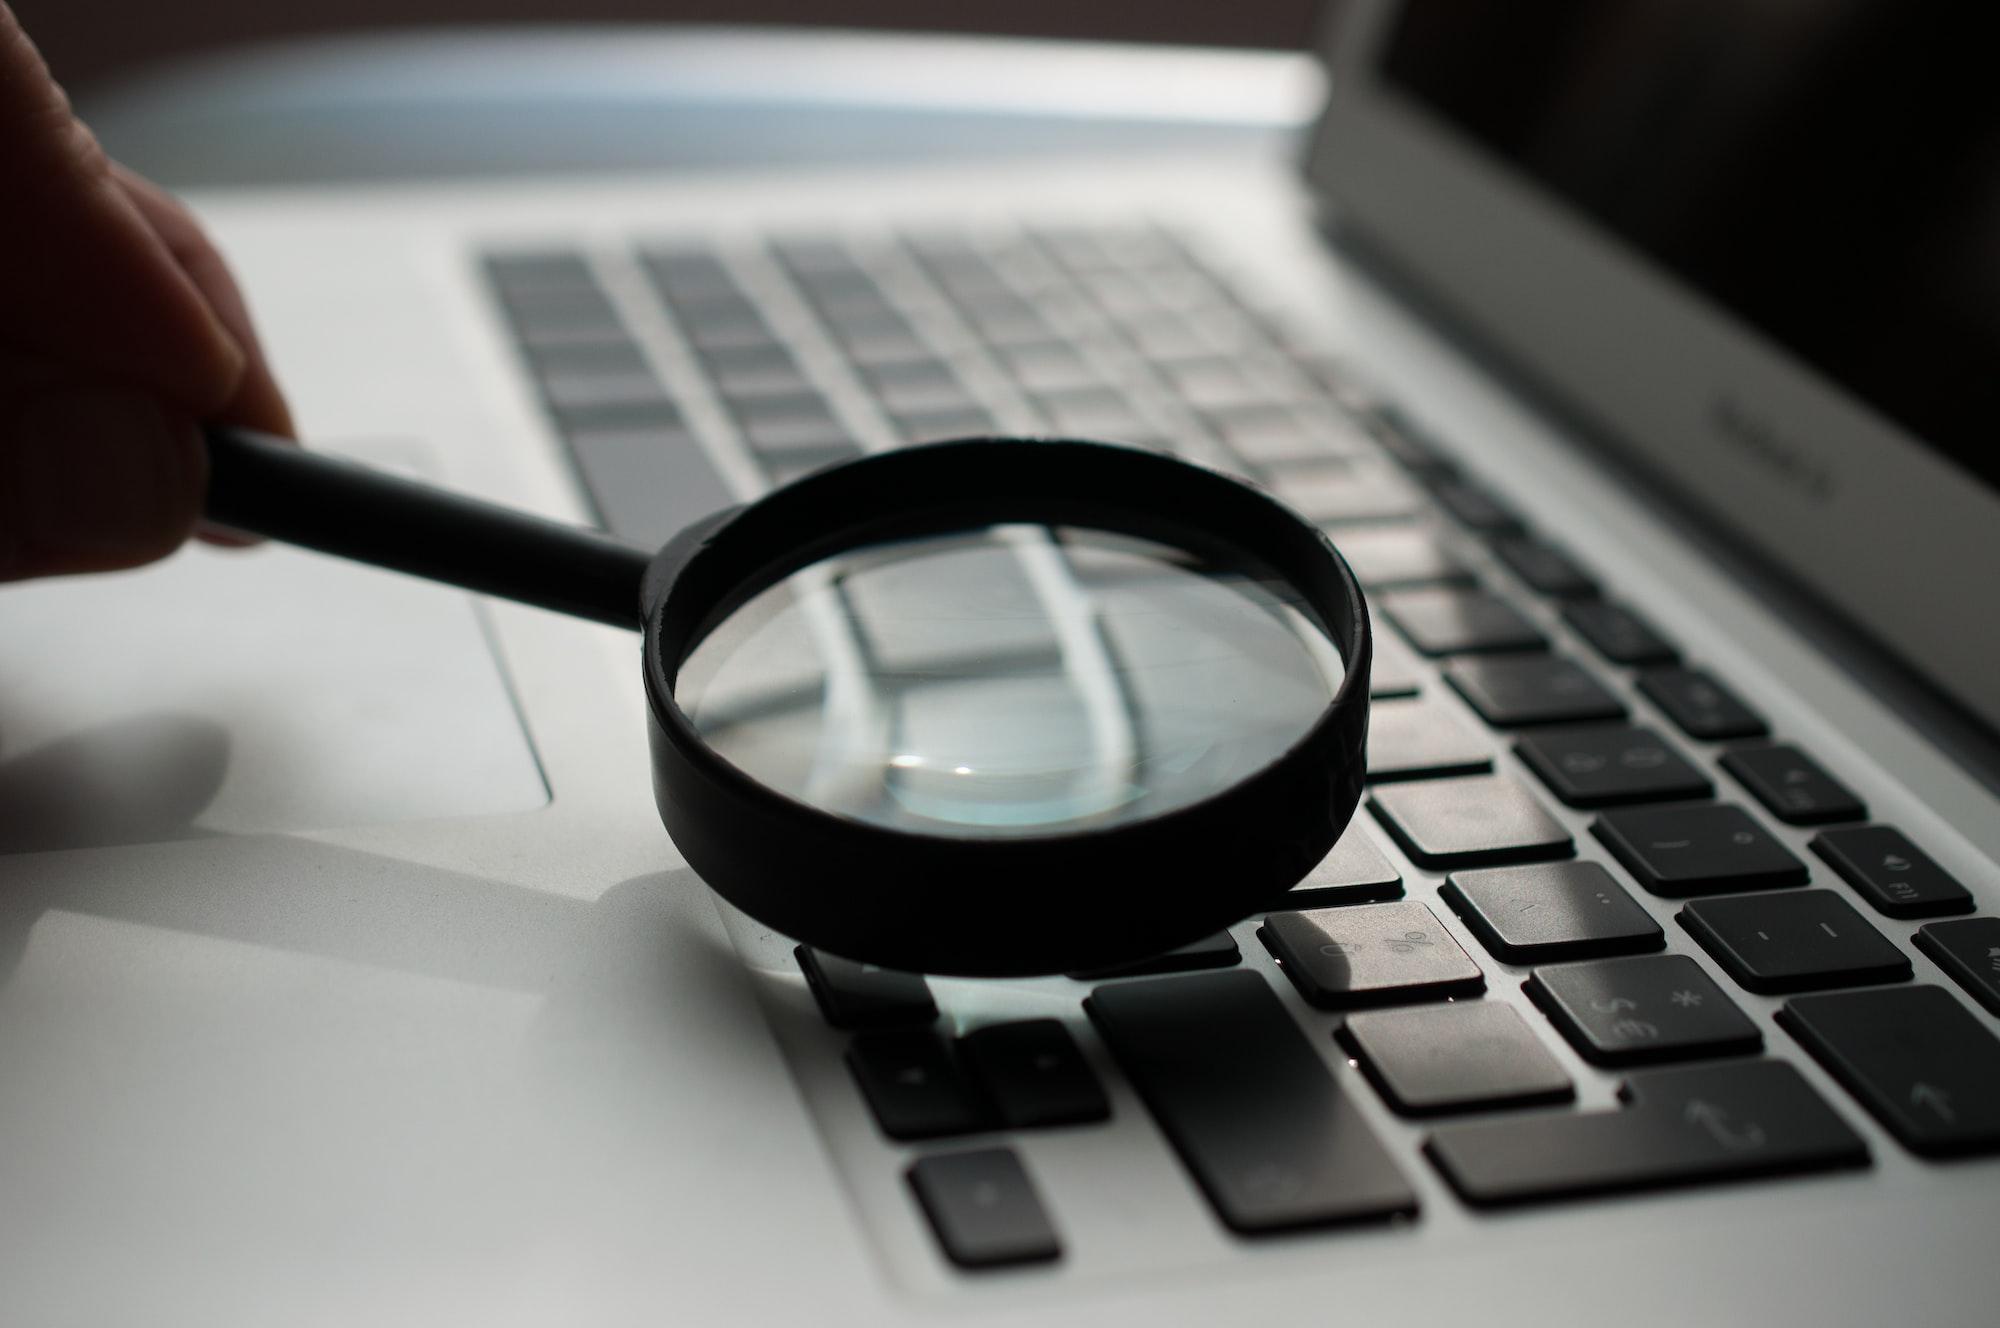 Dématérialisation des documents : quelles solutions pour les entreprises ?_background